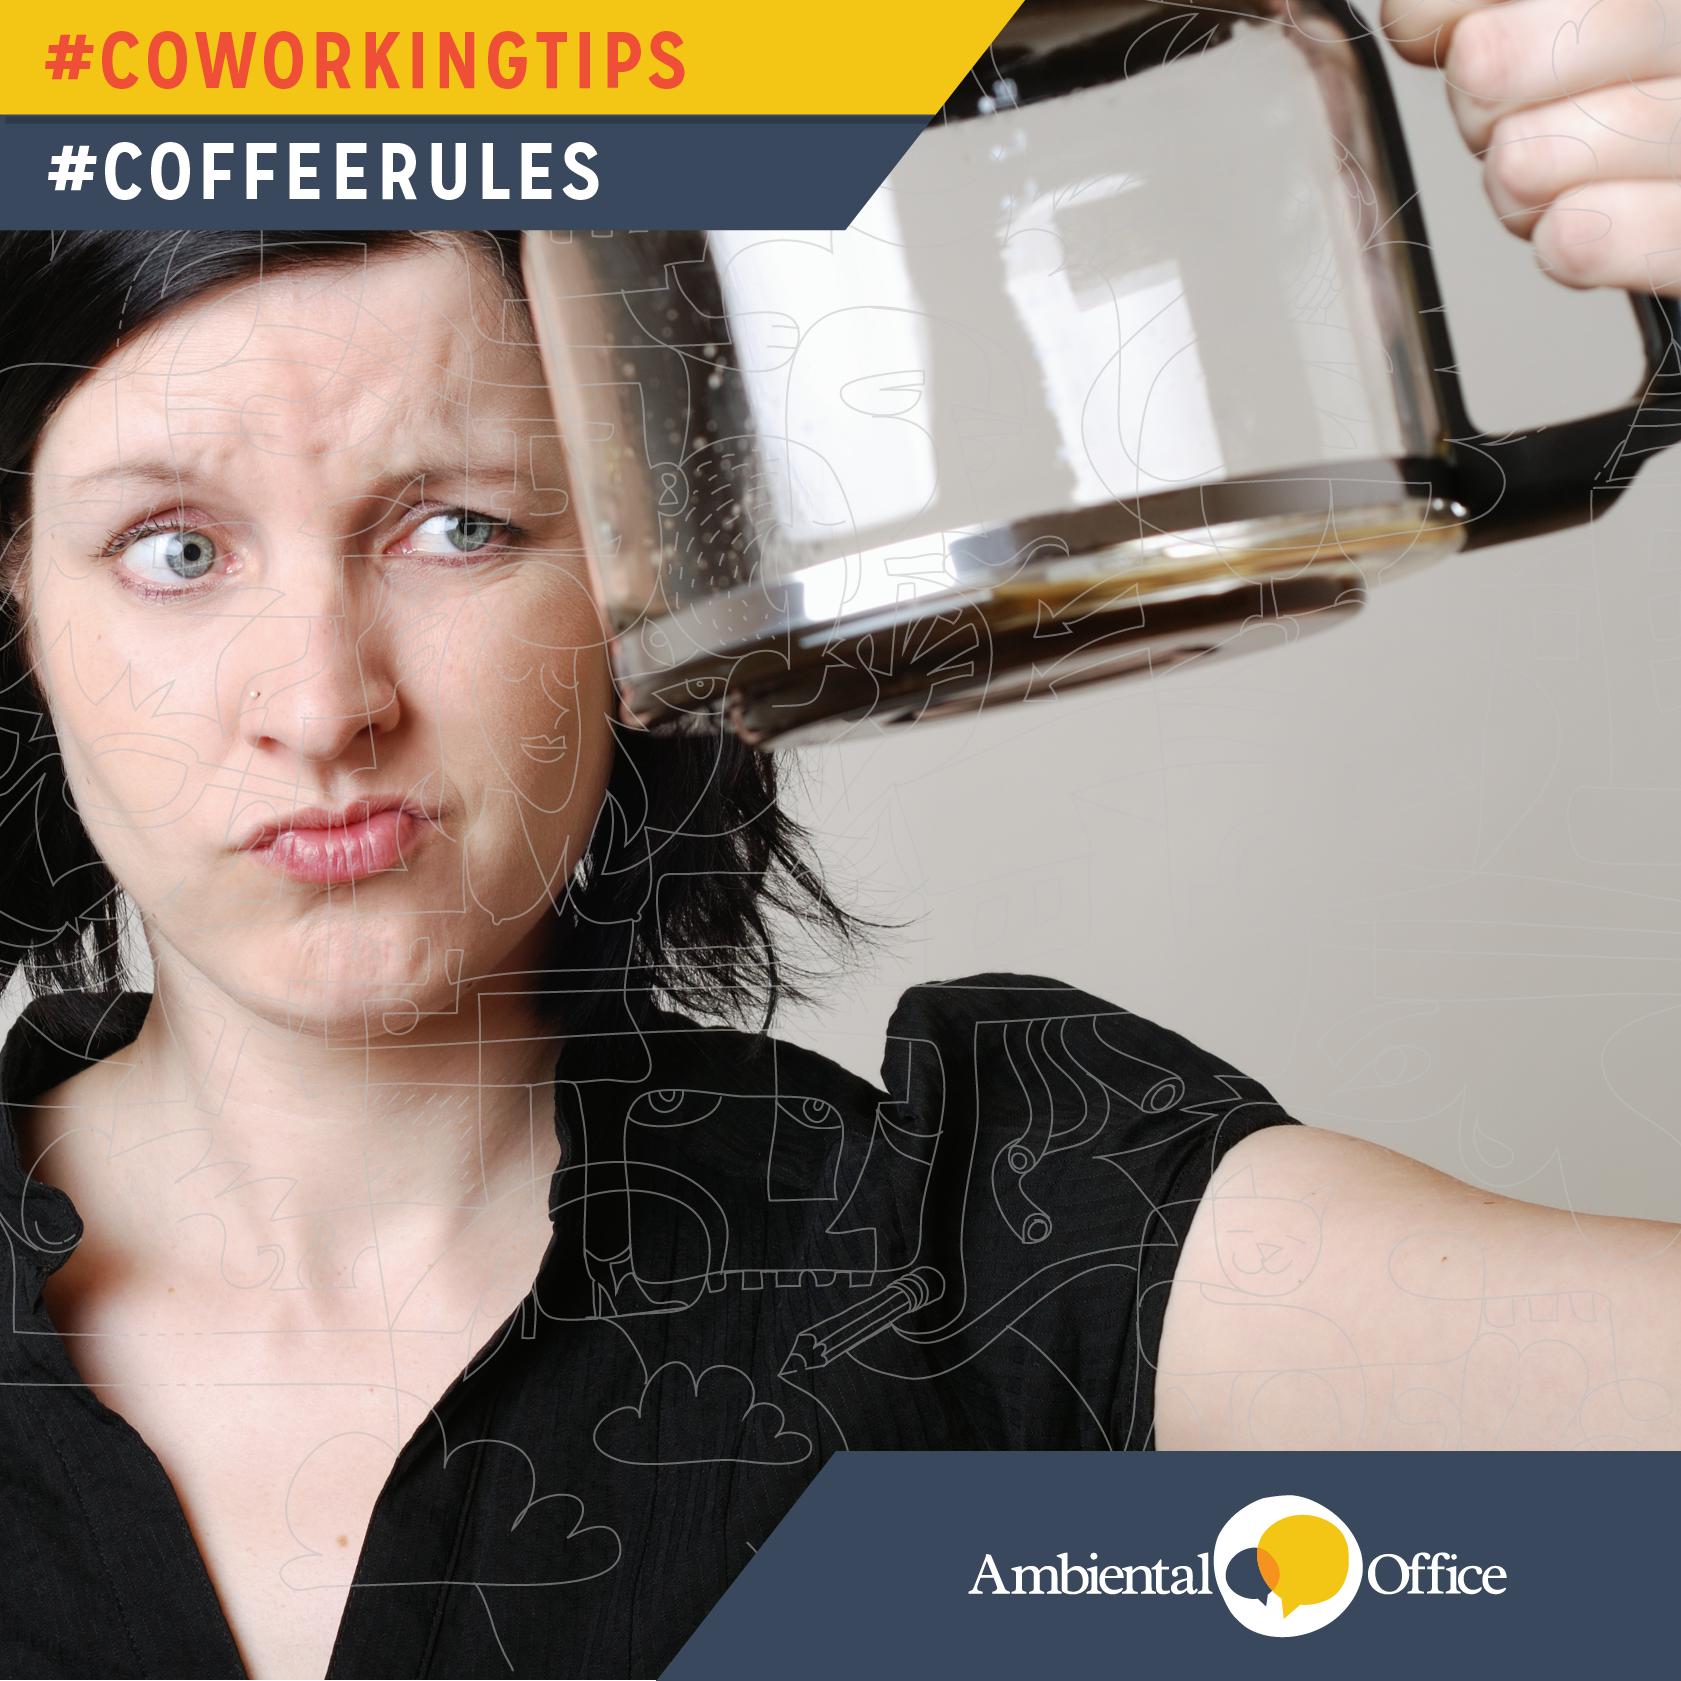 O café acabou na sua vez? Então você foi sorteado a fazer o próximo :)